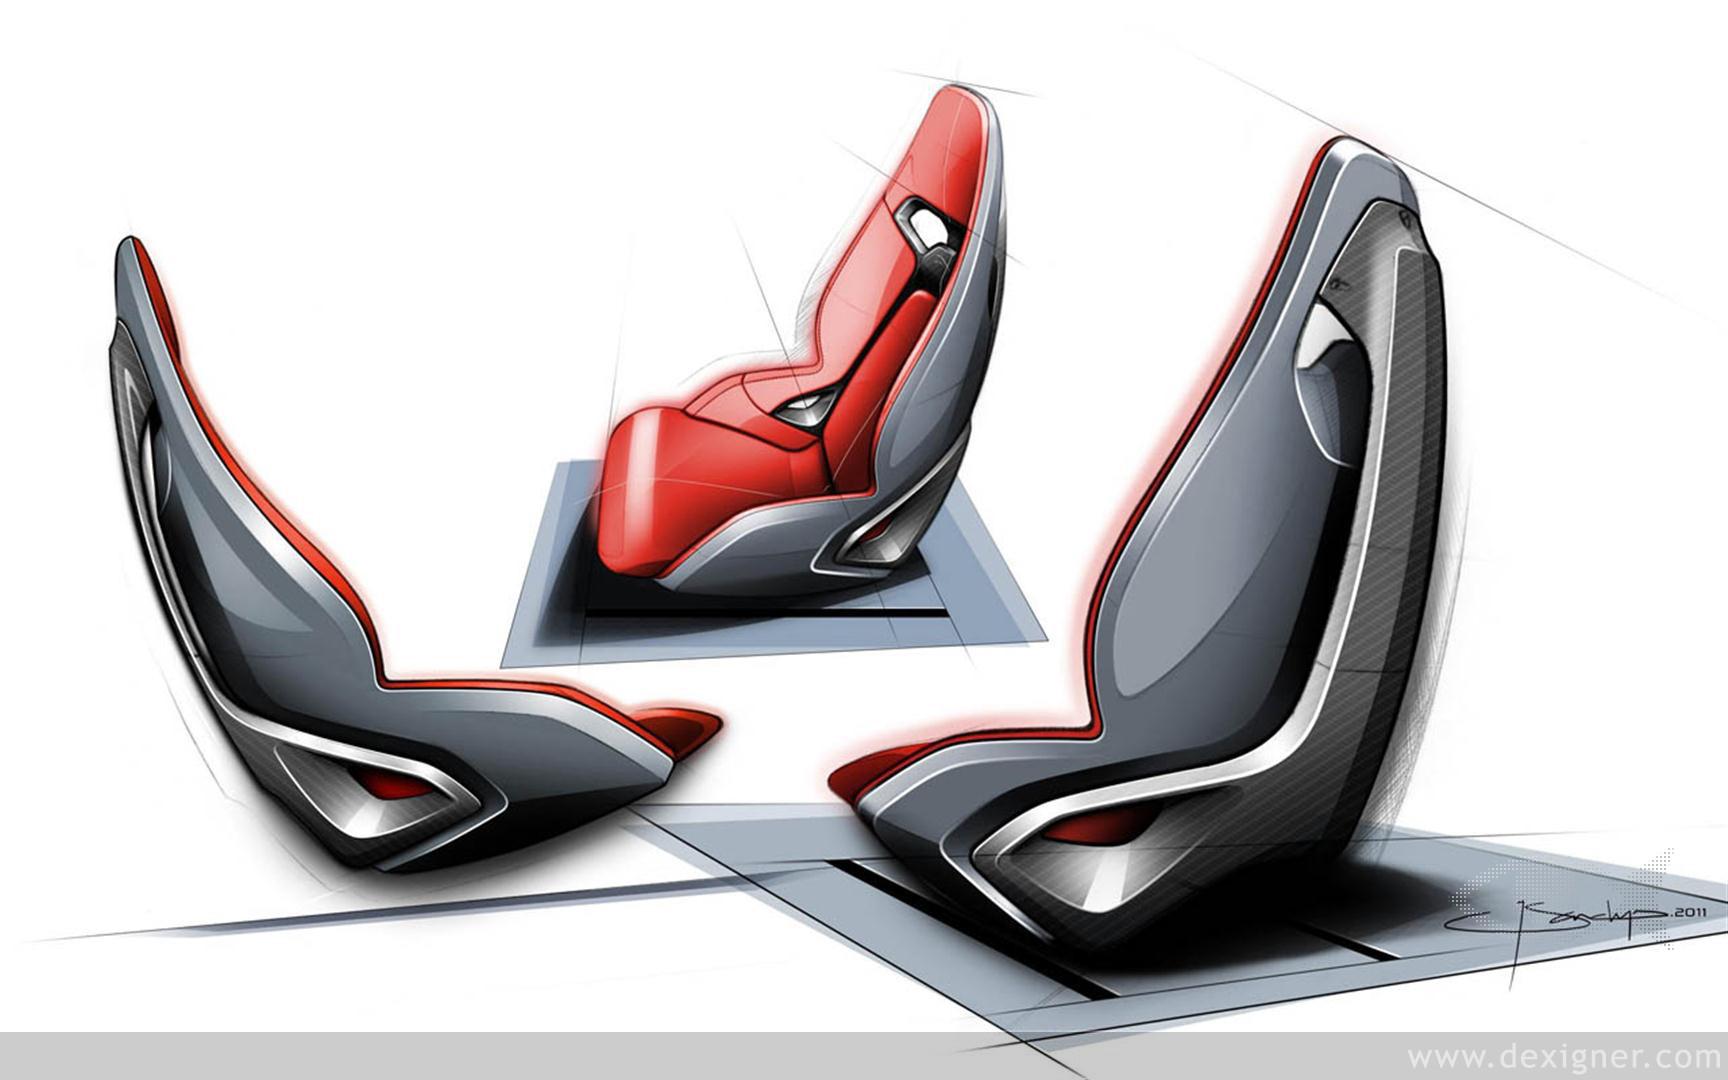 Jaguar_CX16_Concept_16.jpg (1728×1080)